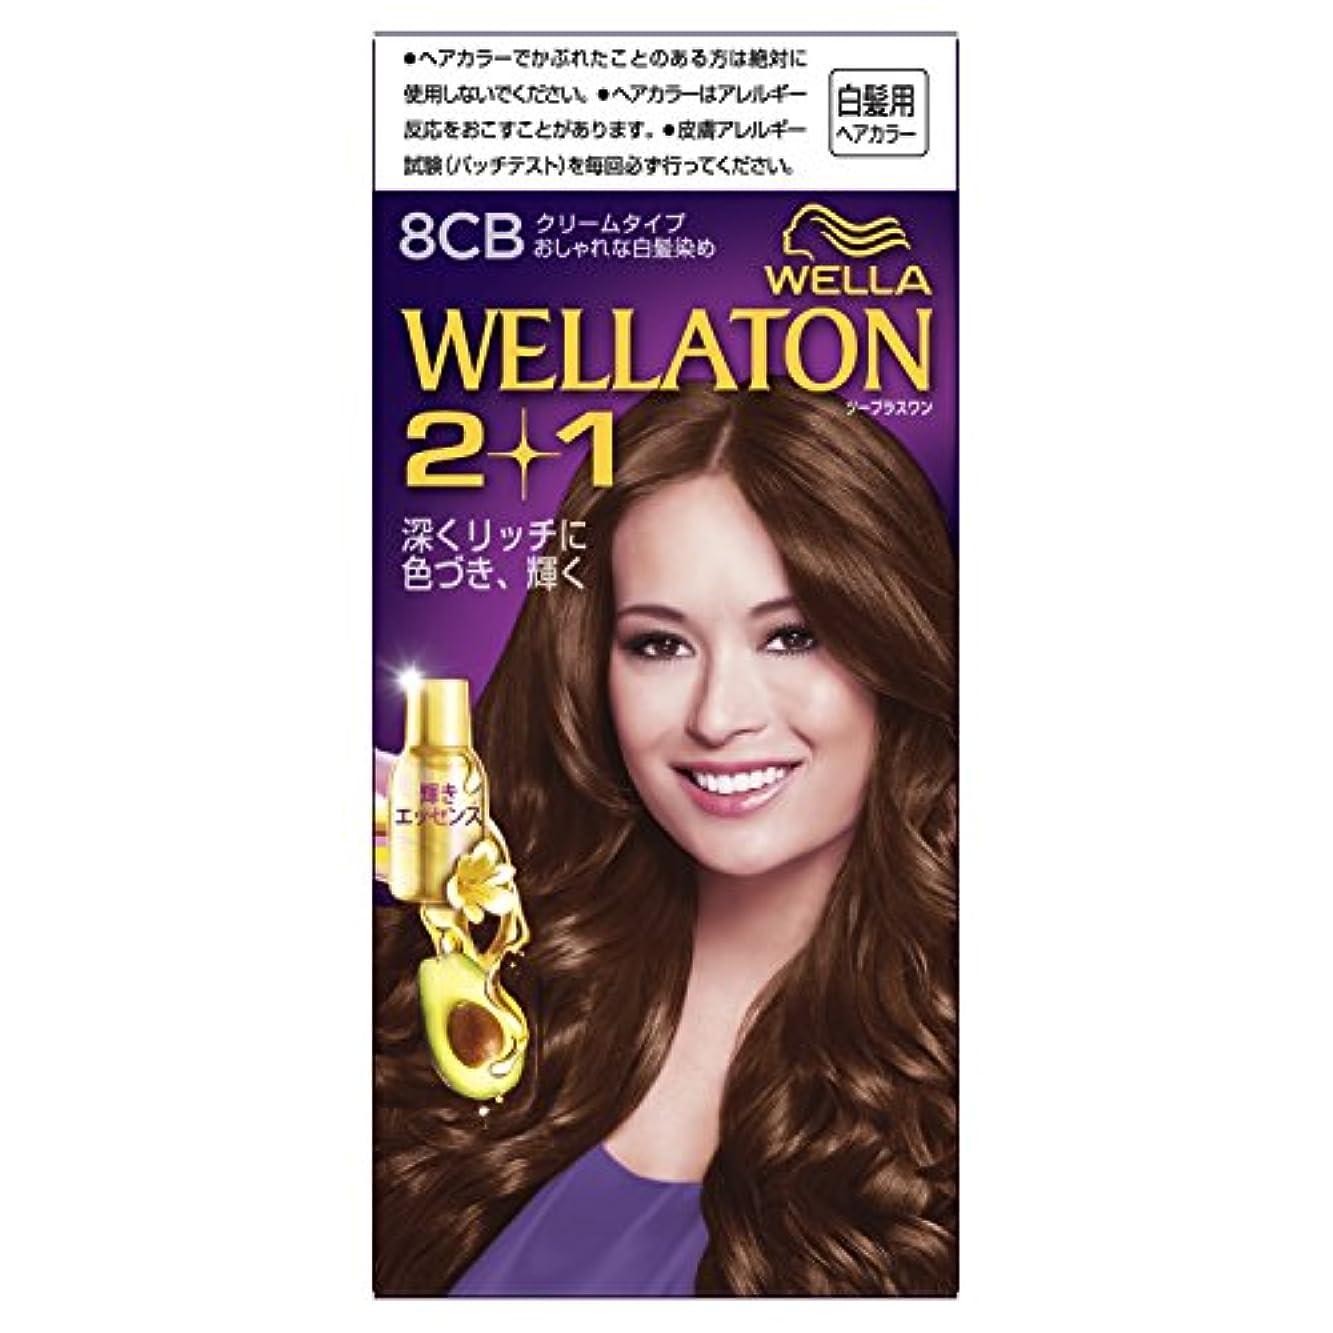 完璧毎日部分的ウエラトーン2+1 クリームタイプ 8CB [医薬部外品](おしゃれな白髪染め)